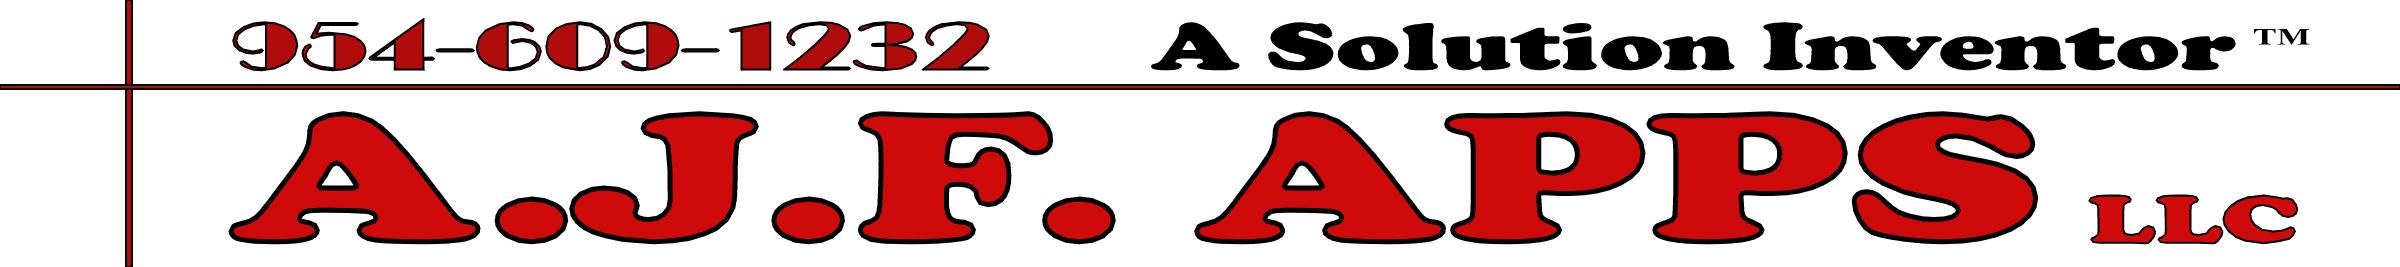 A.J.F.APPS LLC